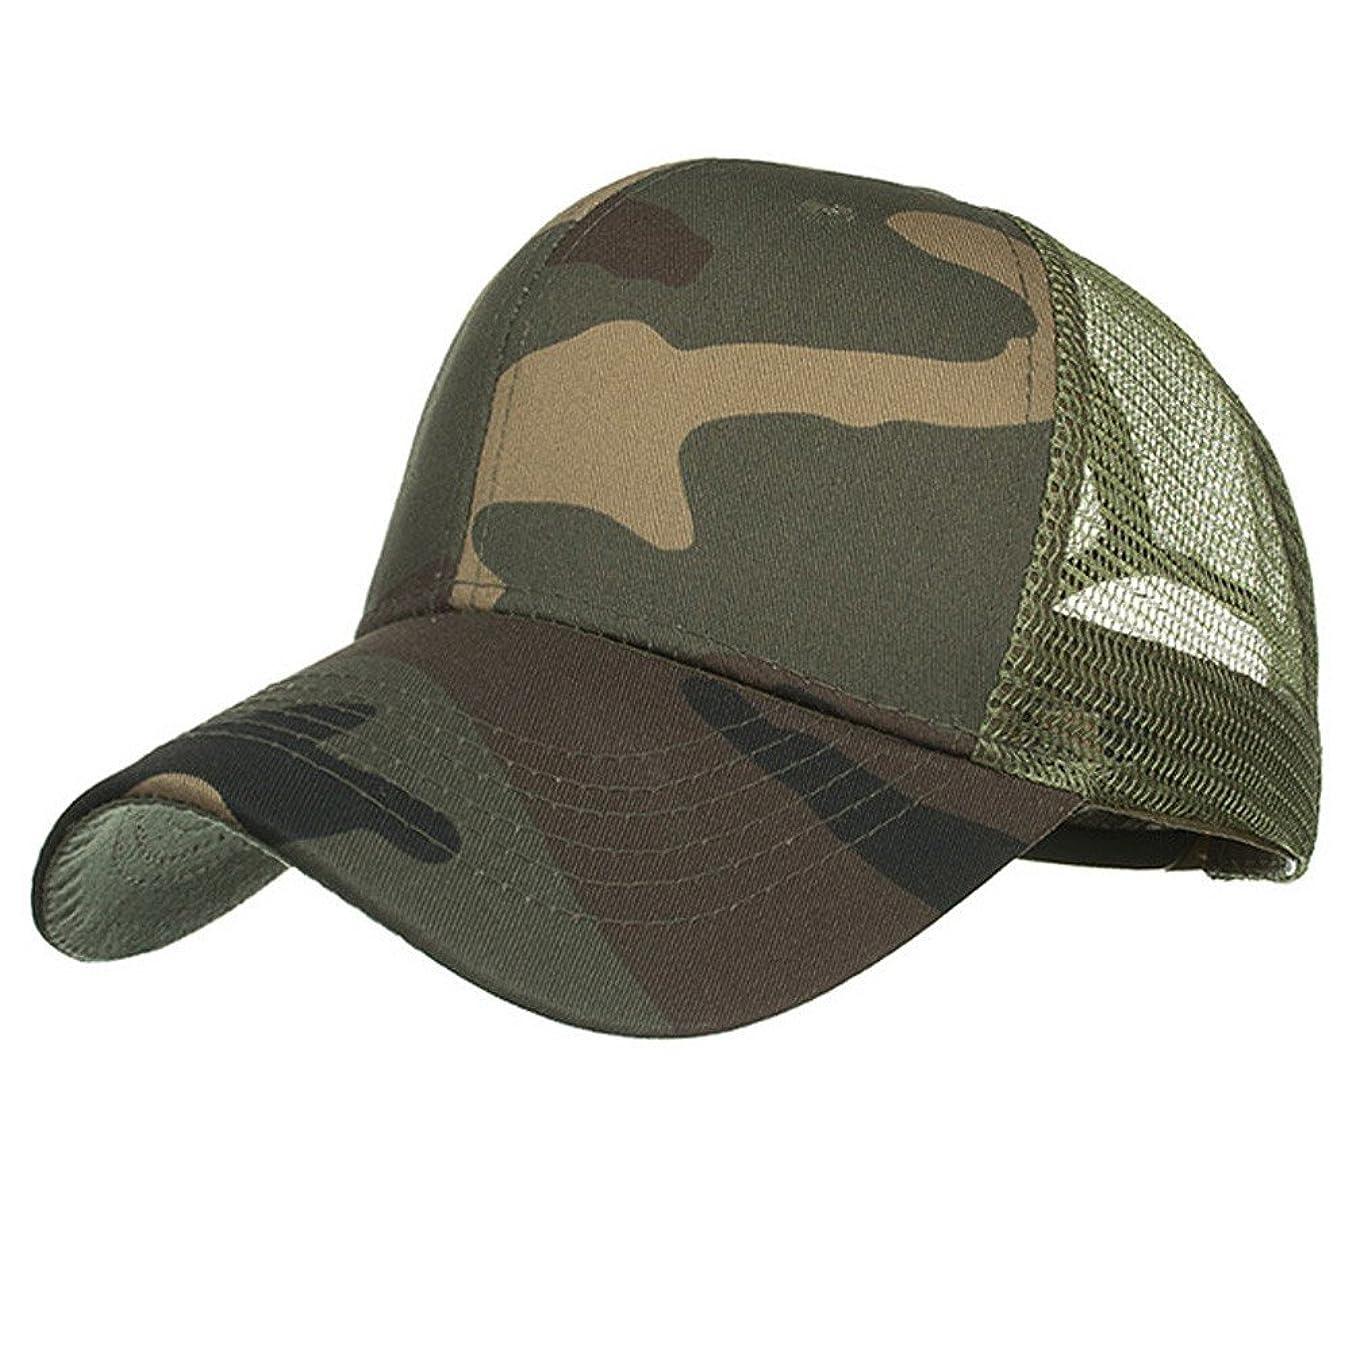 規則性ダンスコンデンサーRacazing Cap 迷彩 野球帽 メッシュステッチ 通気性のある 帽子 夏 登山 可調整可能 刺繍 棒球帽 UV 帽子 軽量 屋外 Unisex Hat (A)